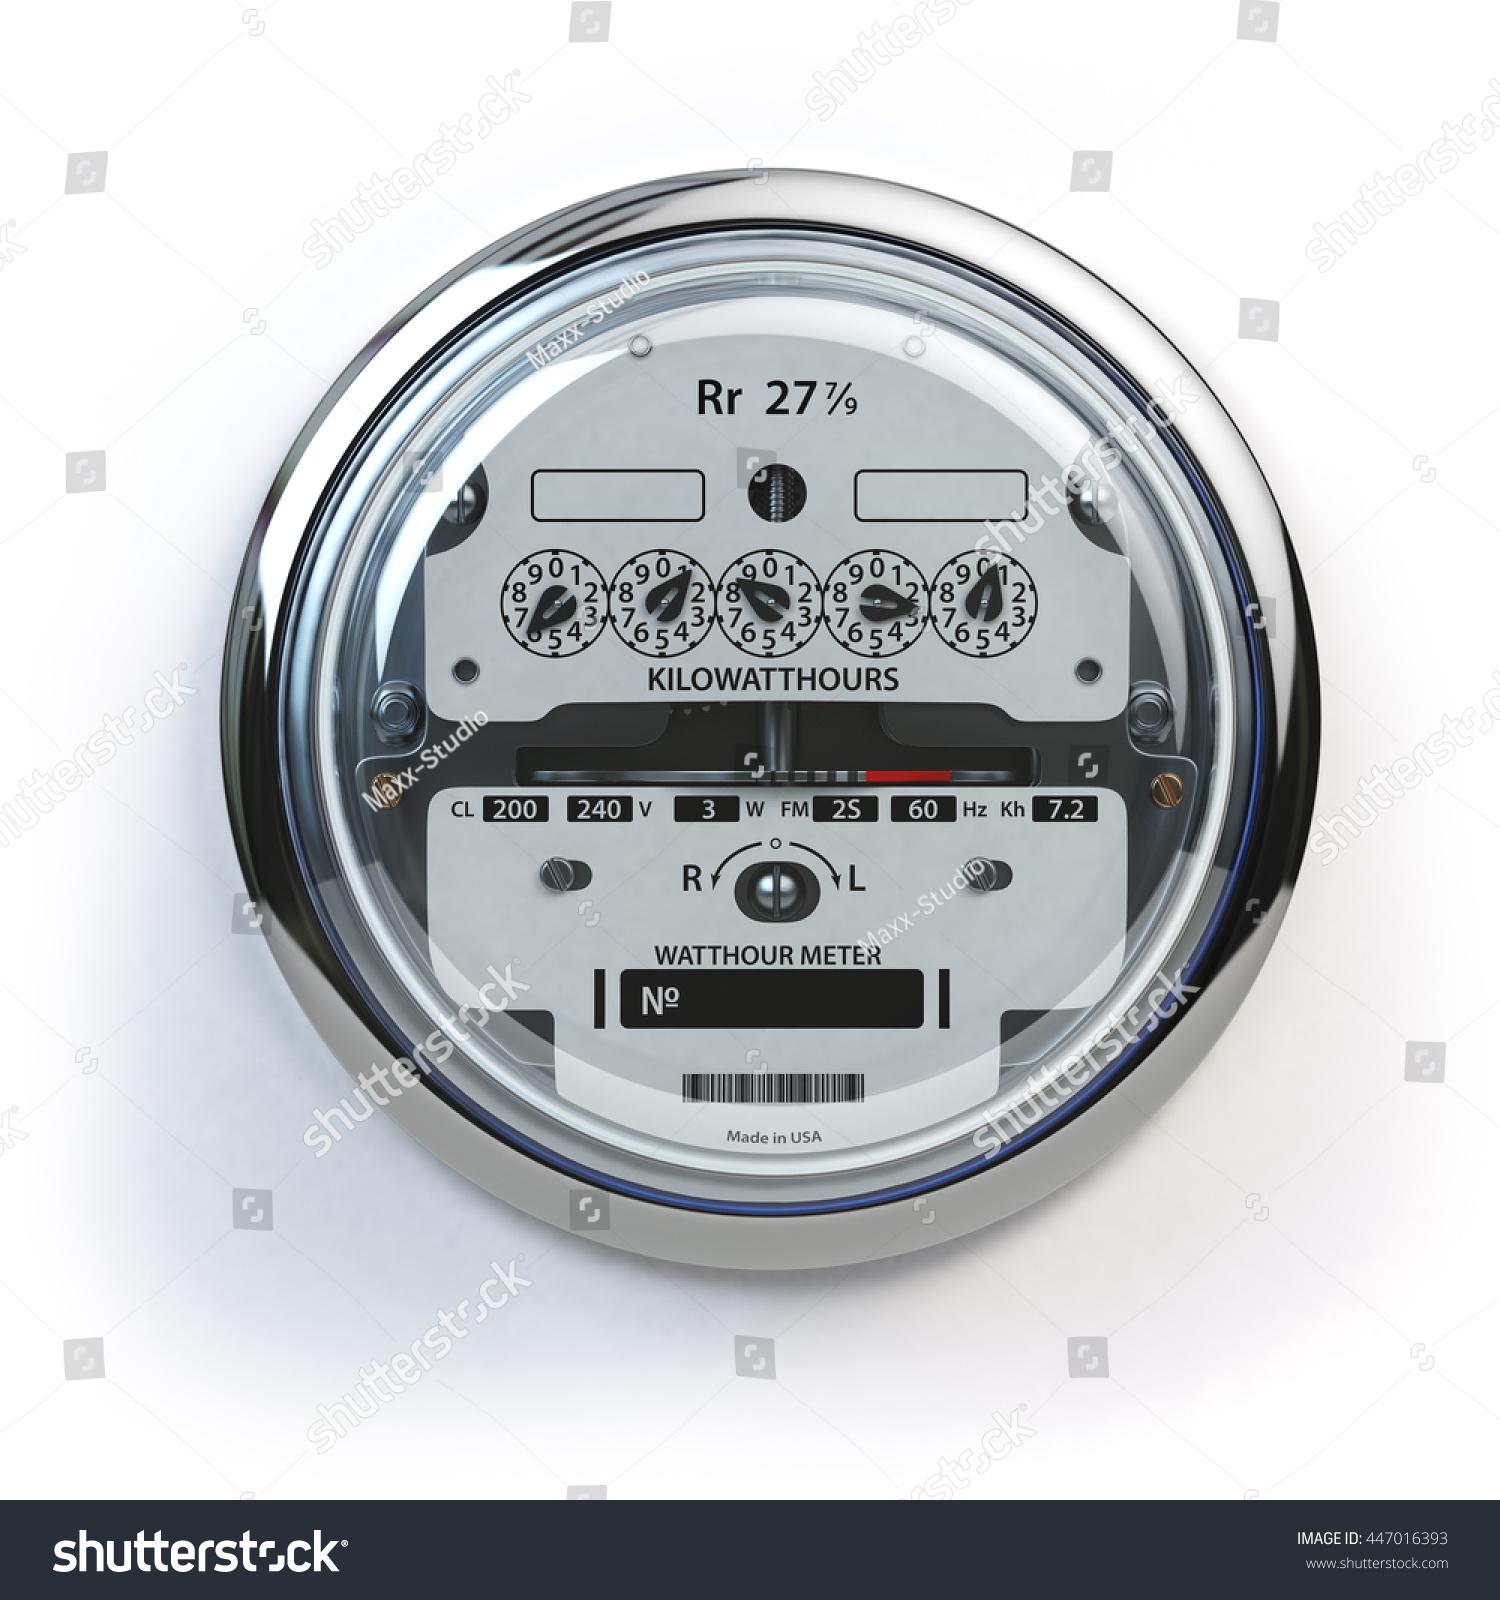 Analog Electric Meter : Analog electric meter isolated on white stock illustration